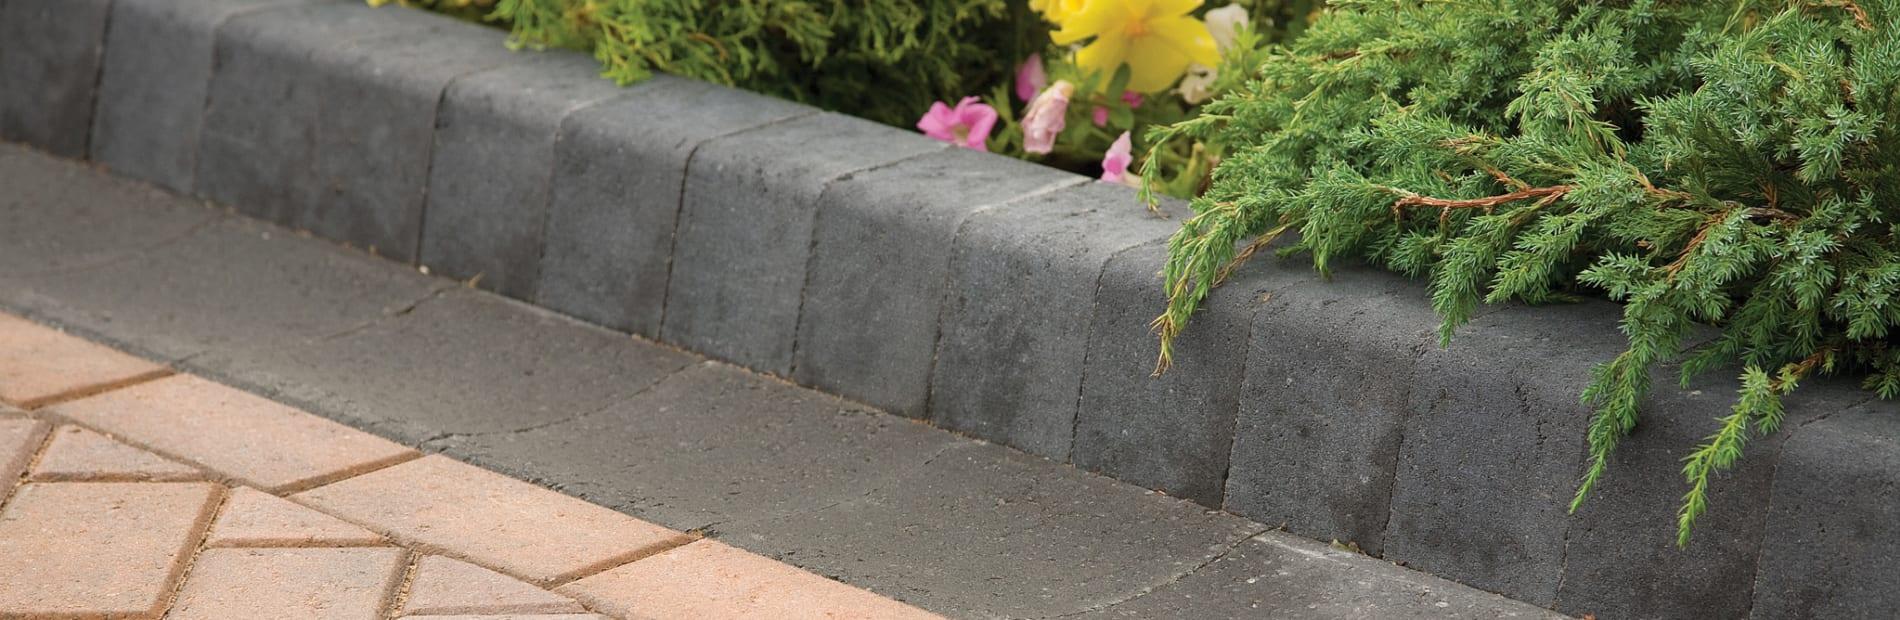 keykerb used as a flowerbed